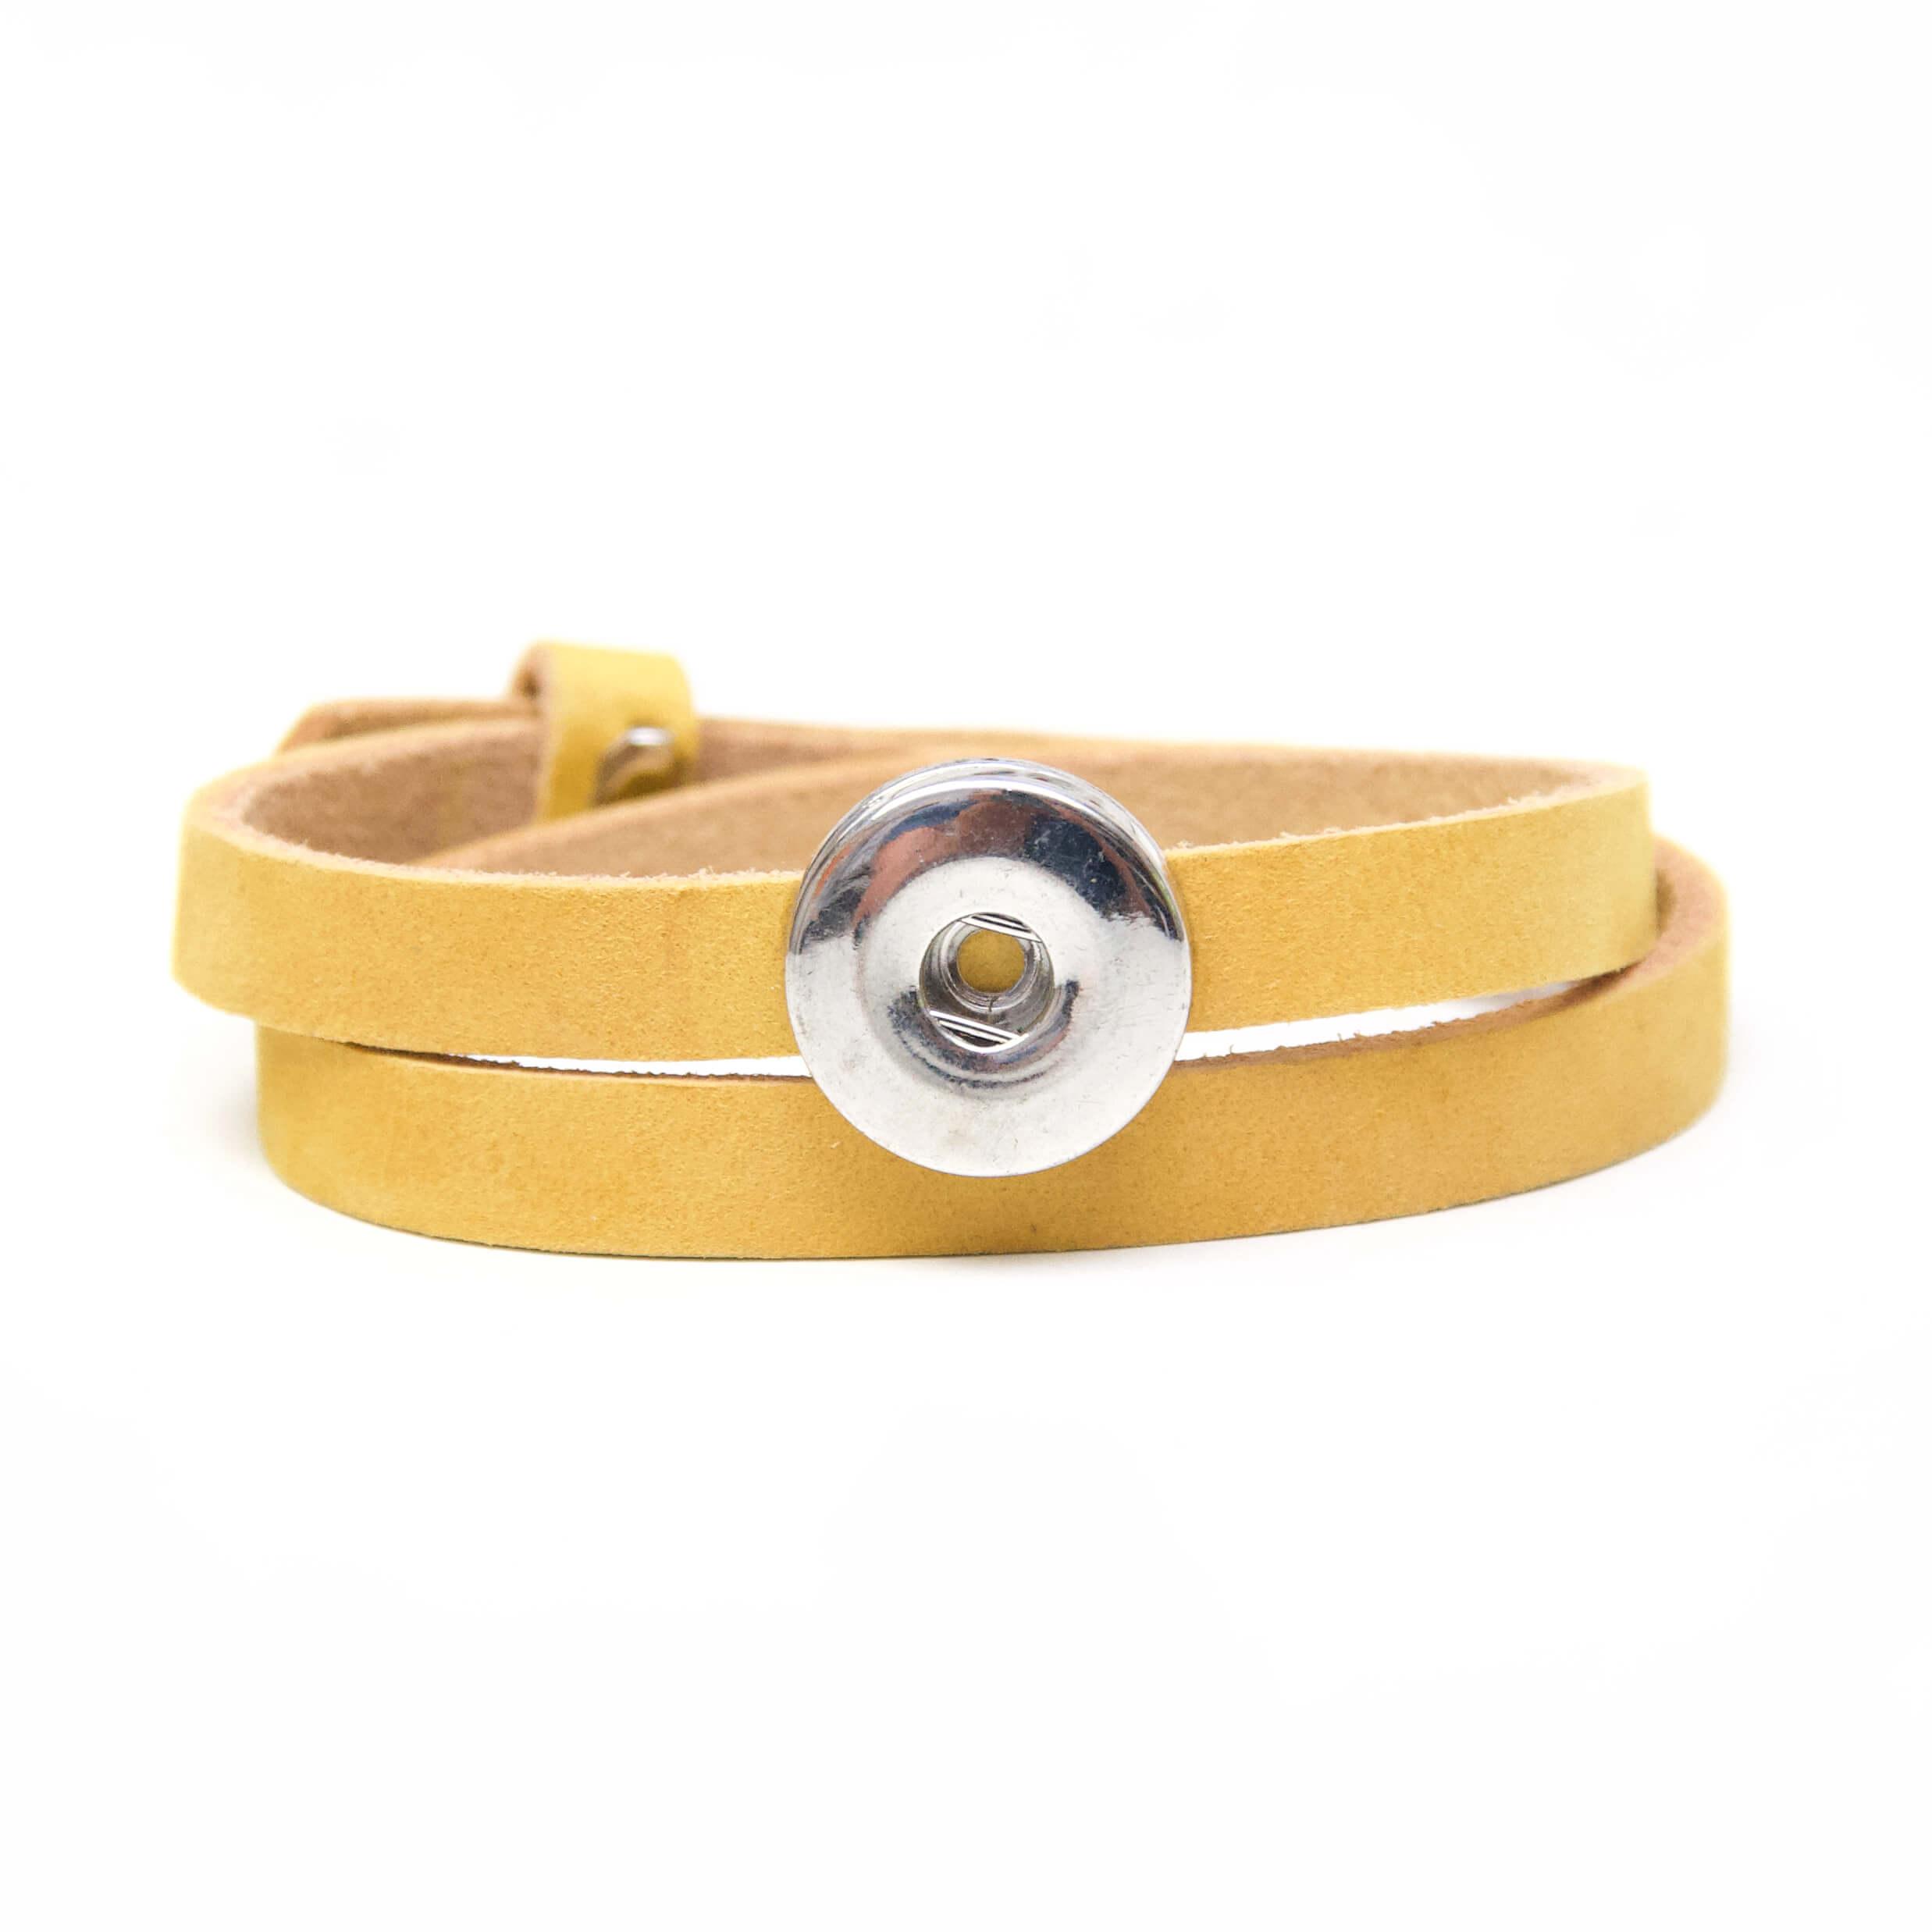 Druckknopf Lederarmband in gelb für 16mm Druckknöpfe